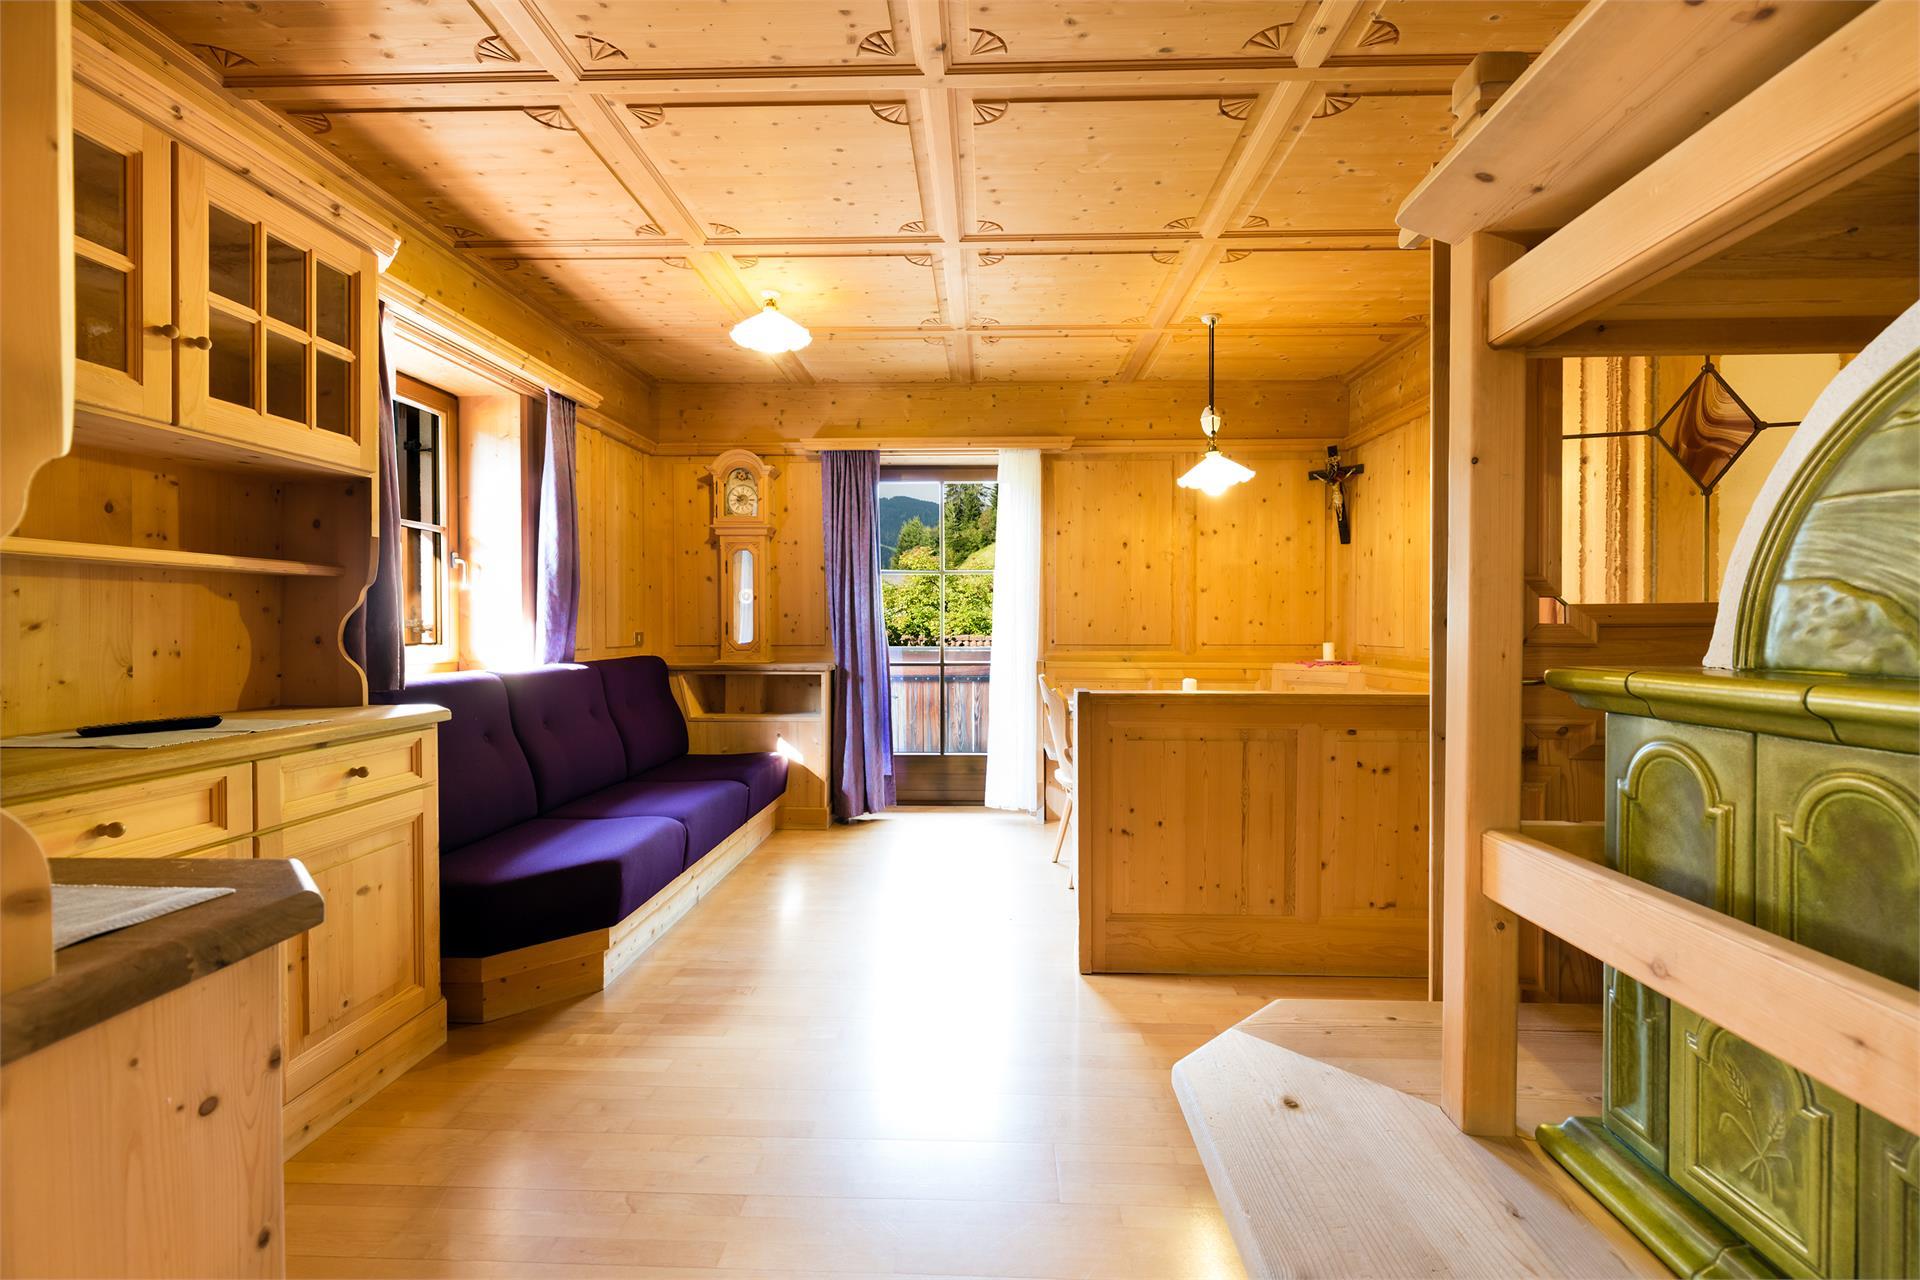 Wohnzimmer mit Kachelofen.